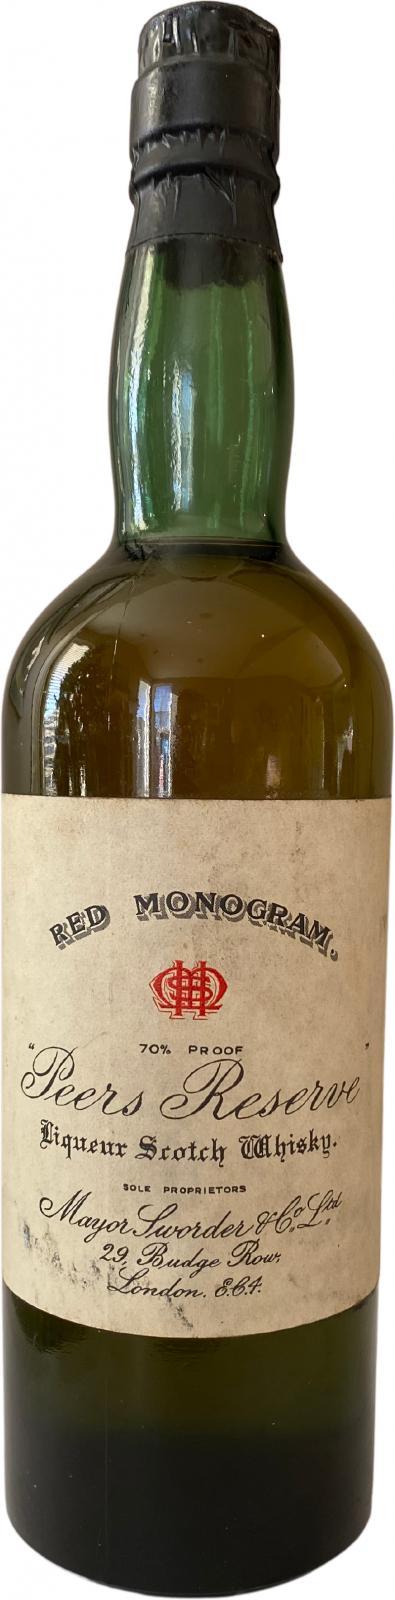 Red Monogram Peers Reserve